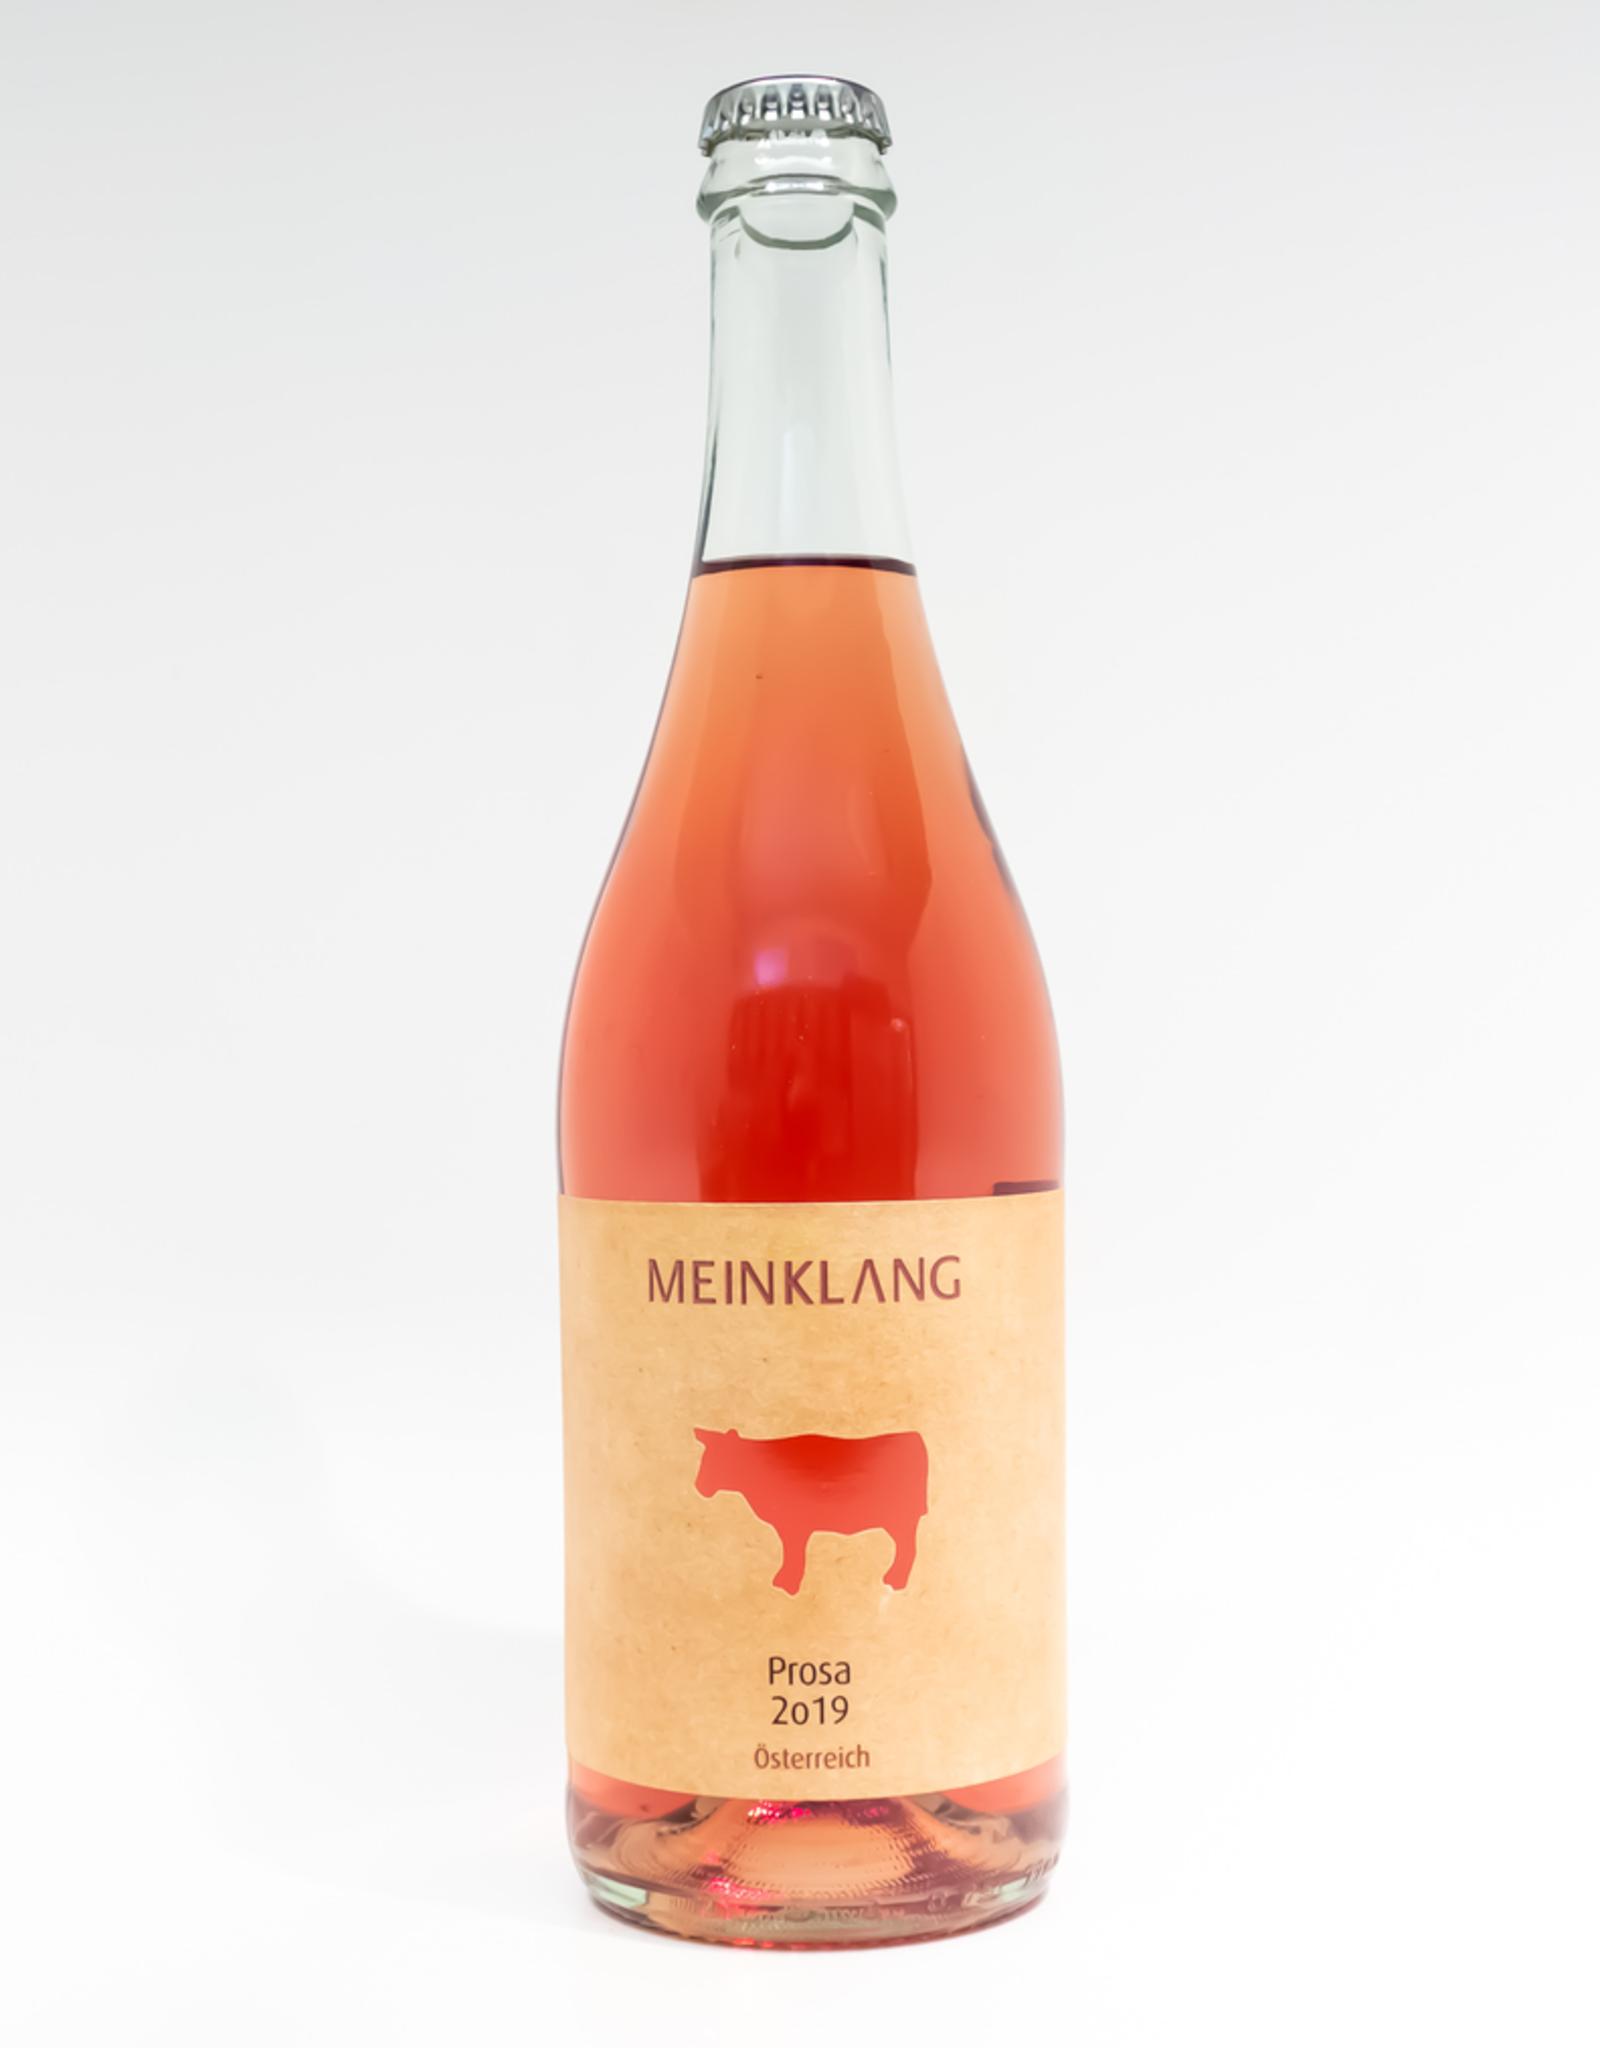 A bottle of Meinklang Prosa Rosé 2019.